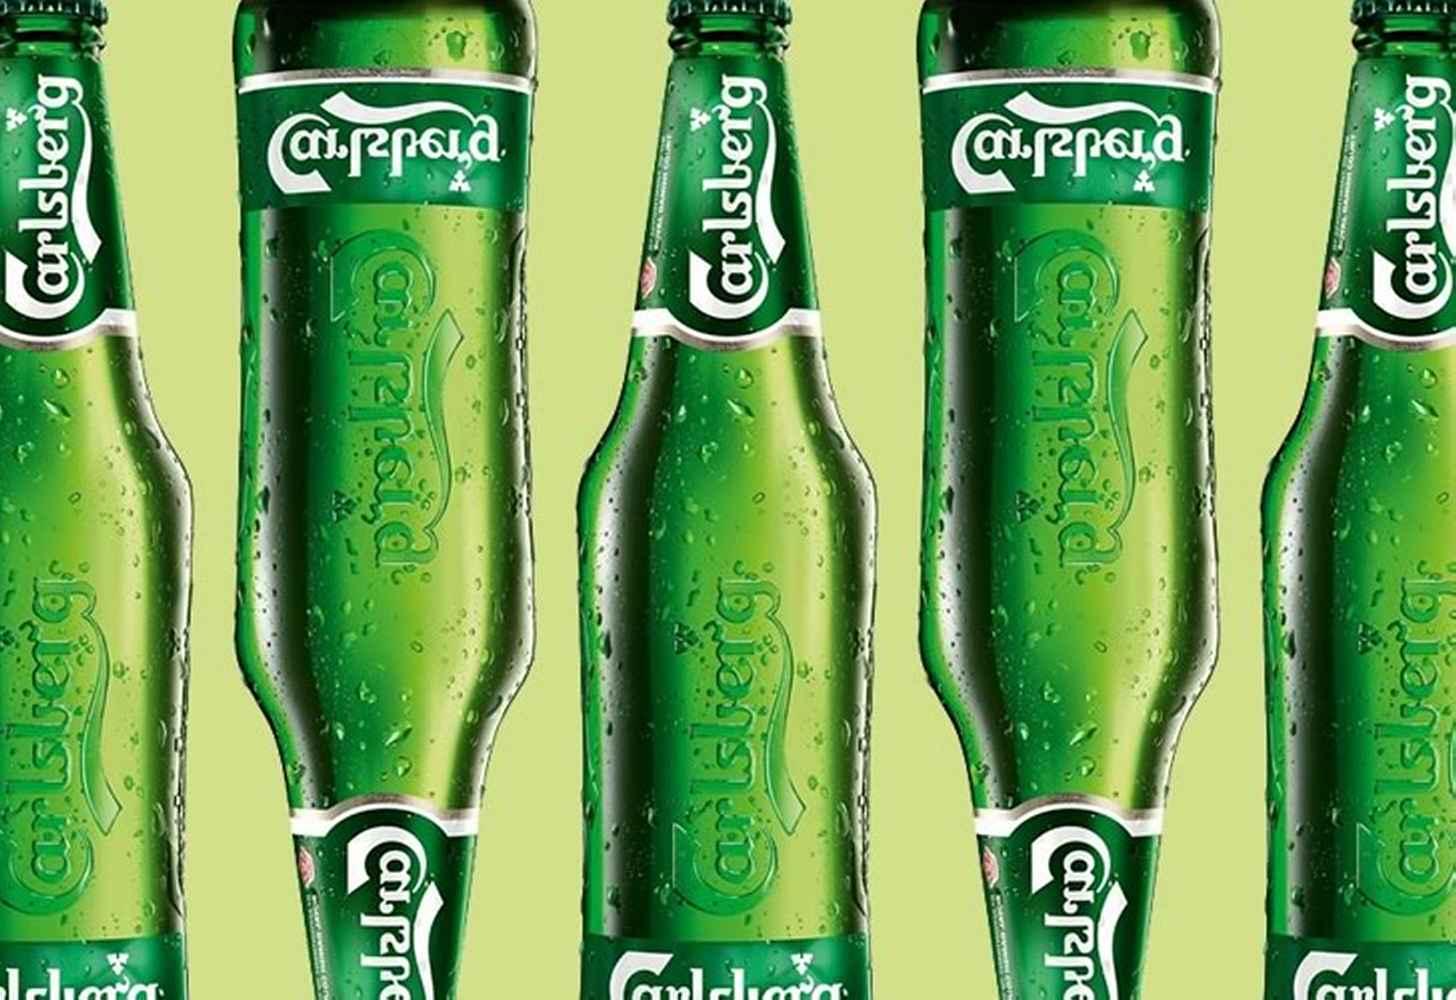 Калорийность пиво карлсберг. химический состав и пищевая ценность.